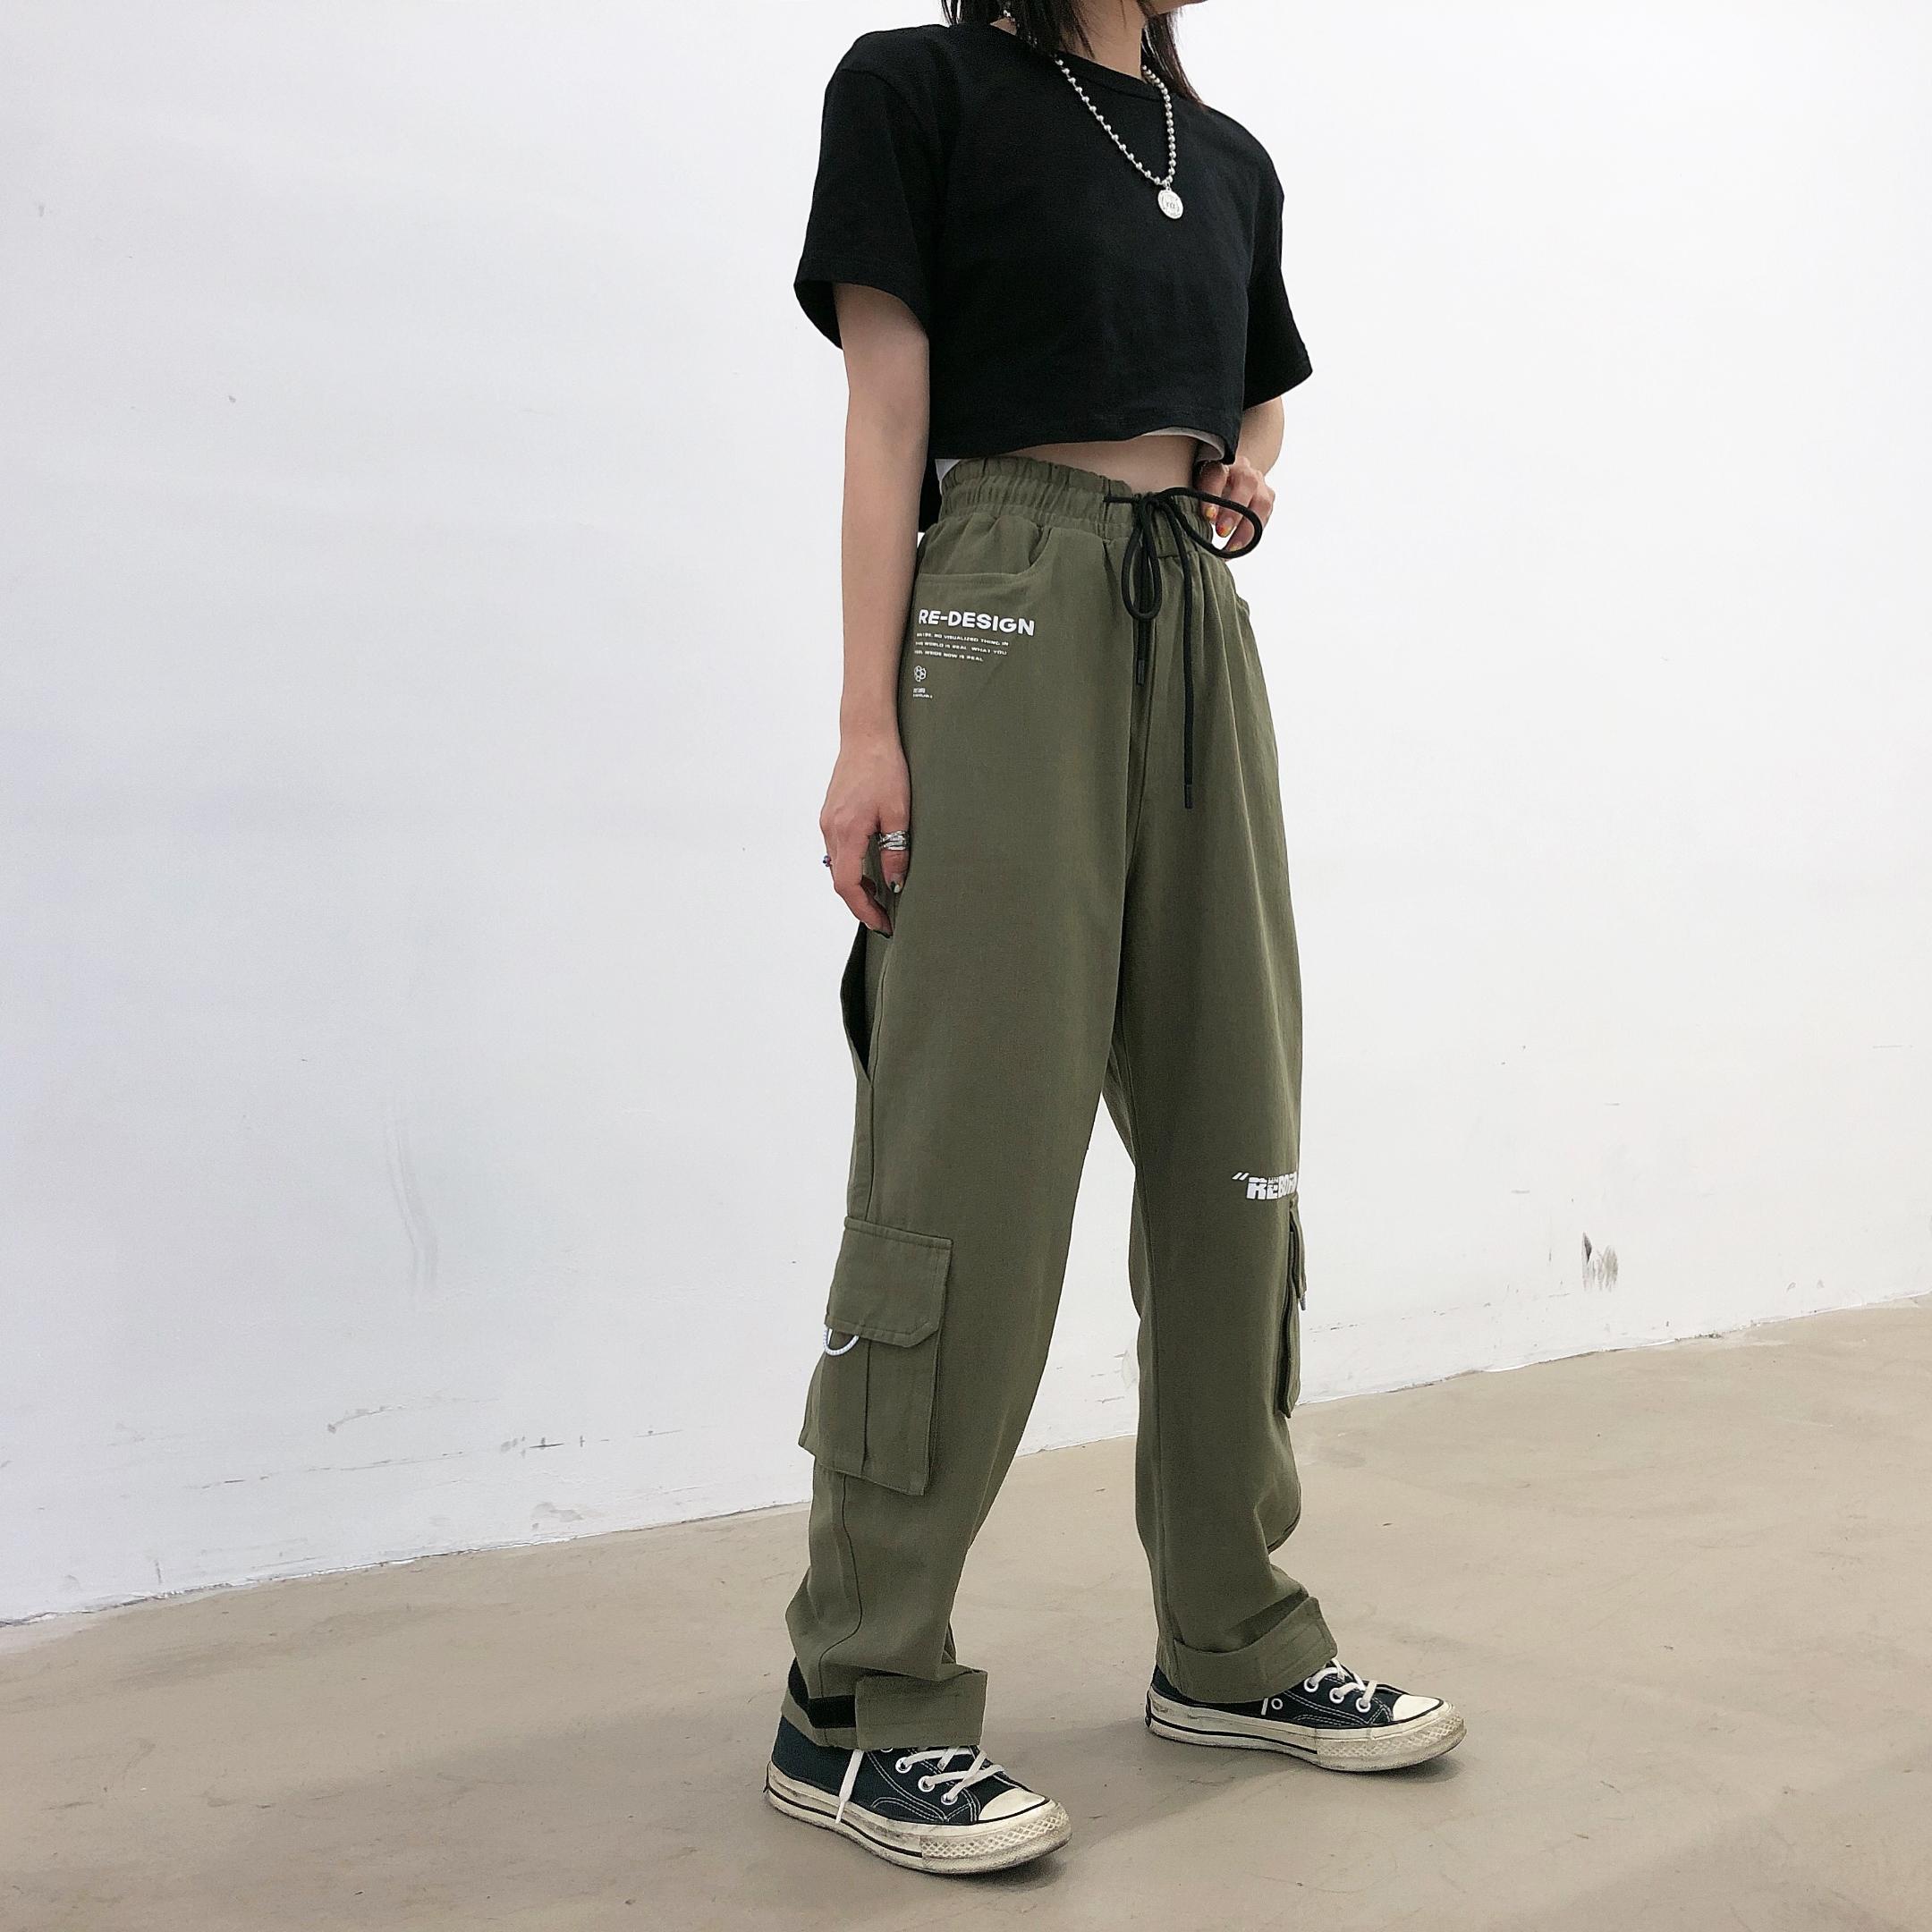 chic直筒束脚工装裤女bf情侣裤子正品保证